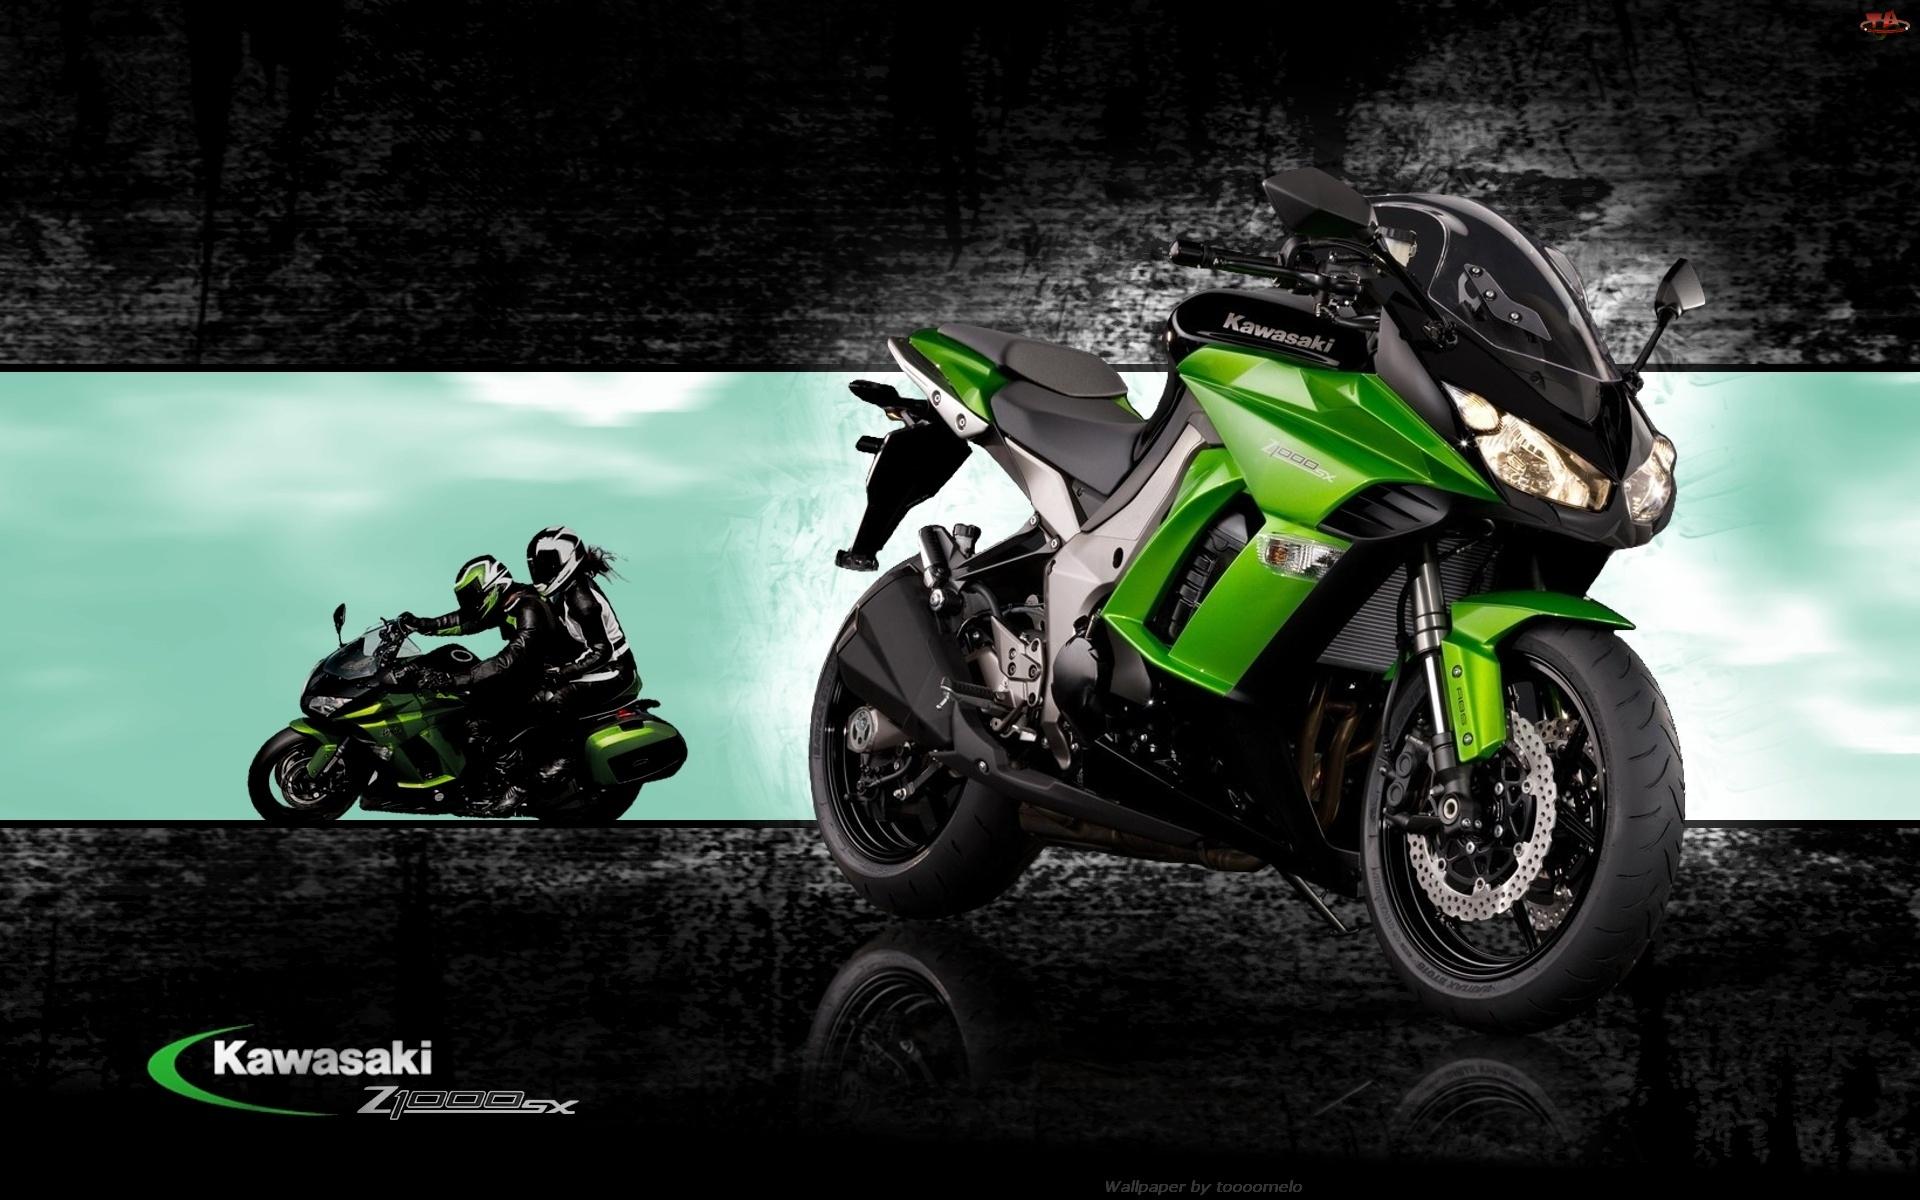 Kawasaki Z 1000 SX, Motocykliści, Zielony, Motocykl